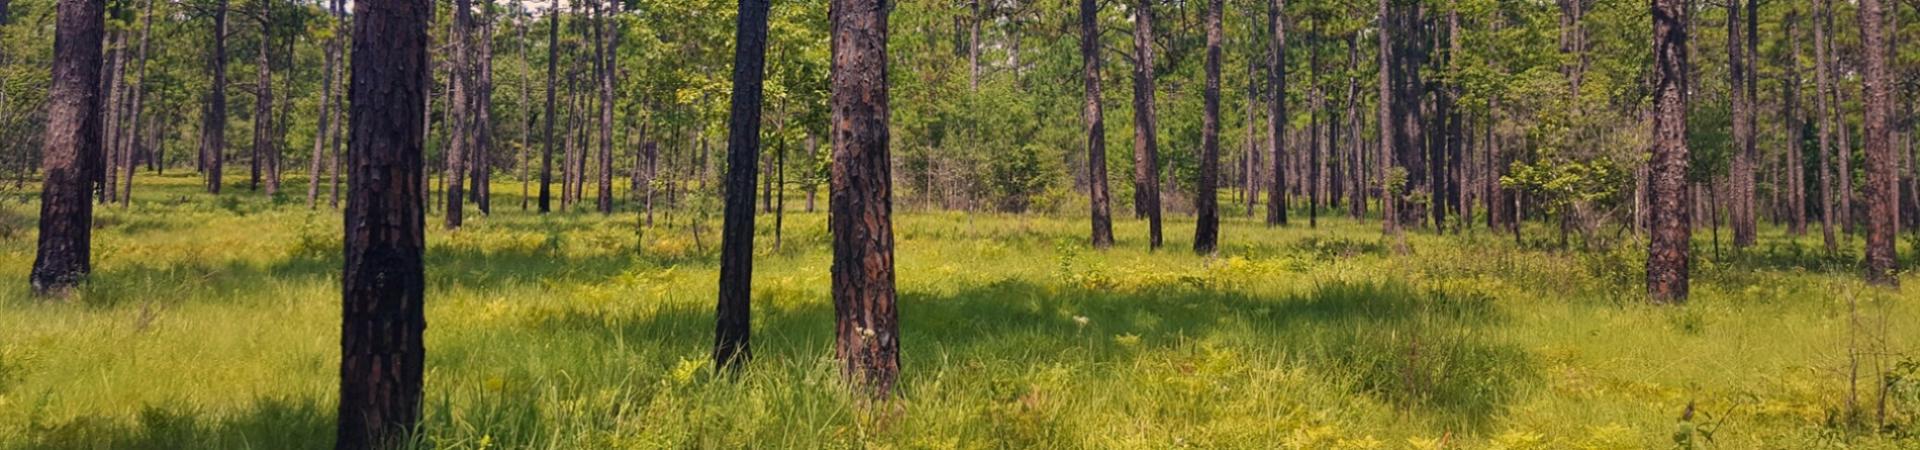 Lake Seminole Longleaf Pines